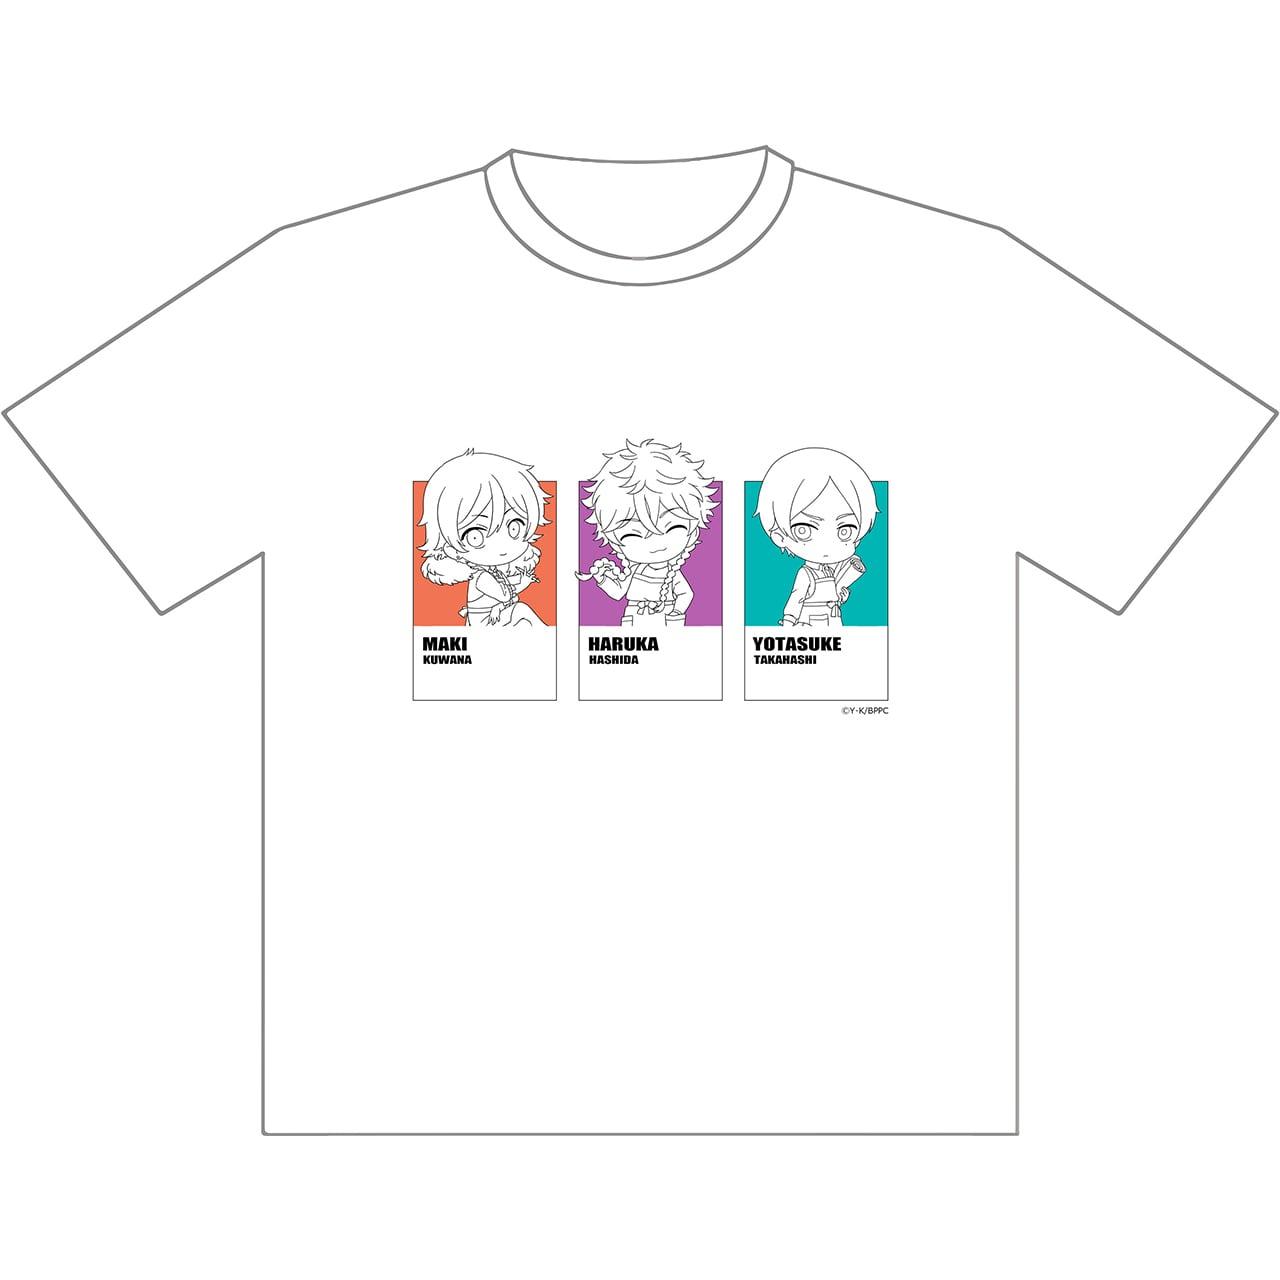 【4589839368049予】ブルーピリオド Tシャツ(悠&マキ&世田介) M